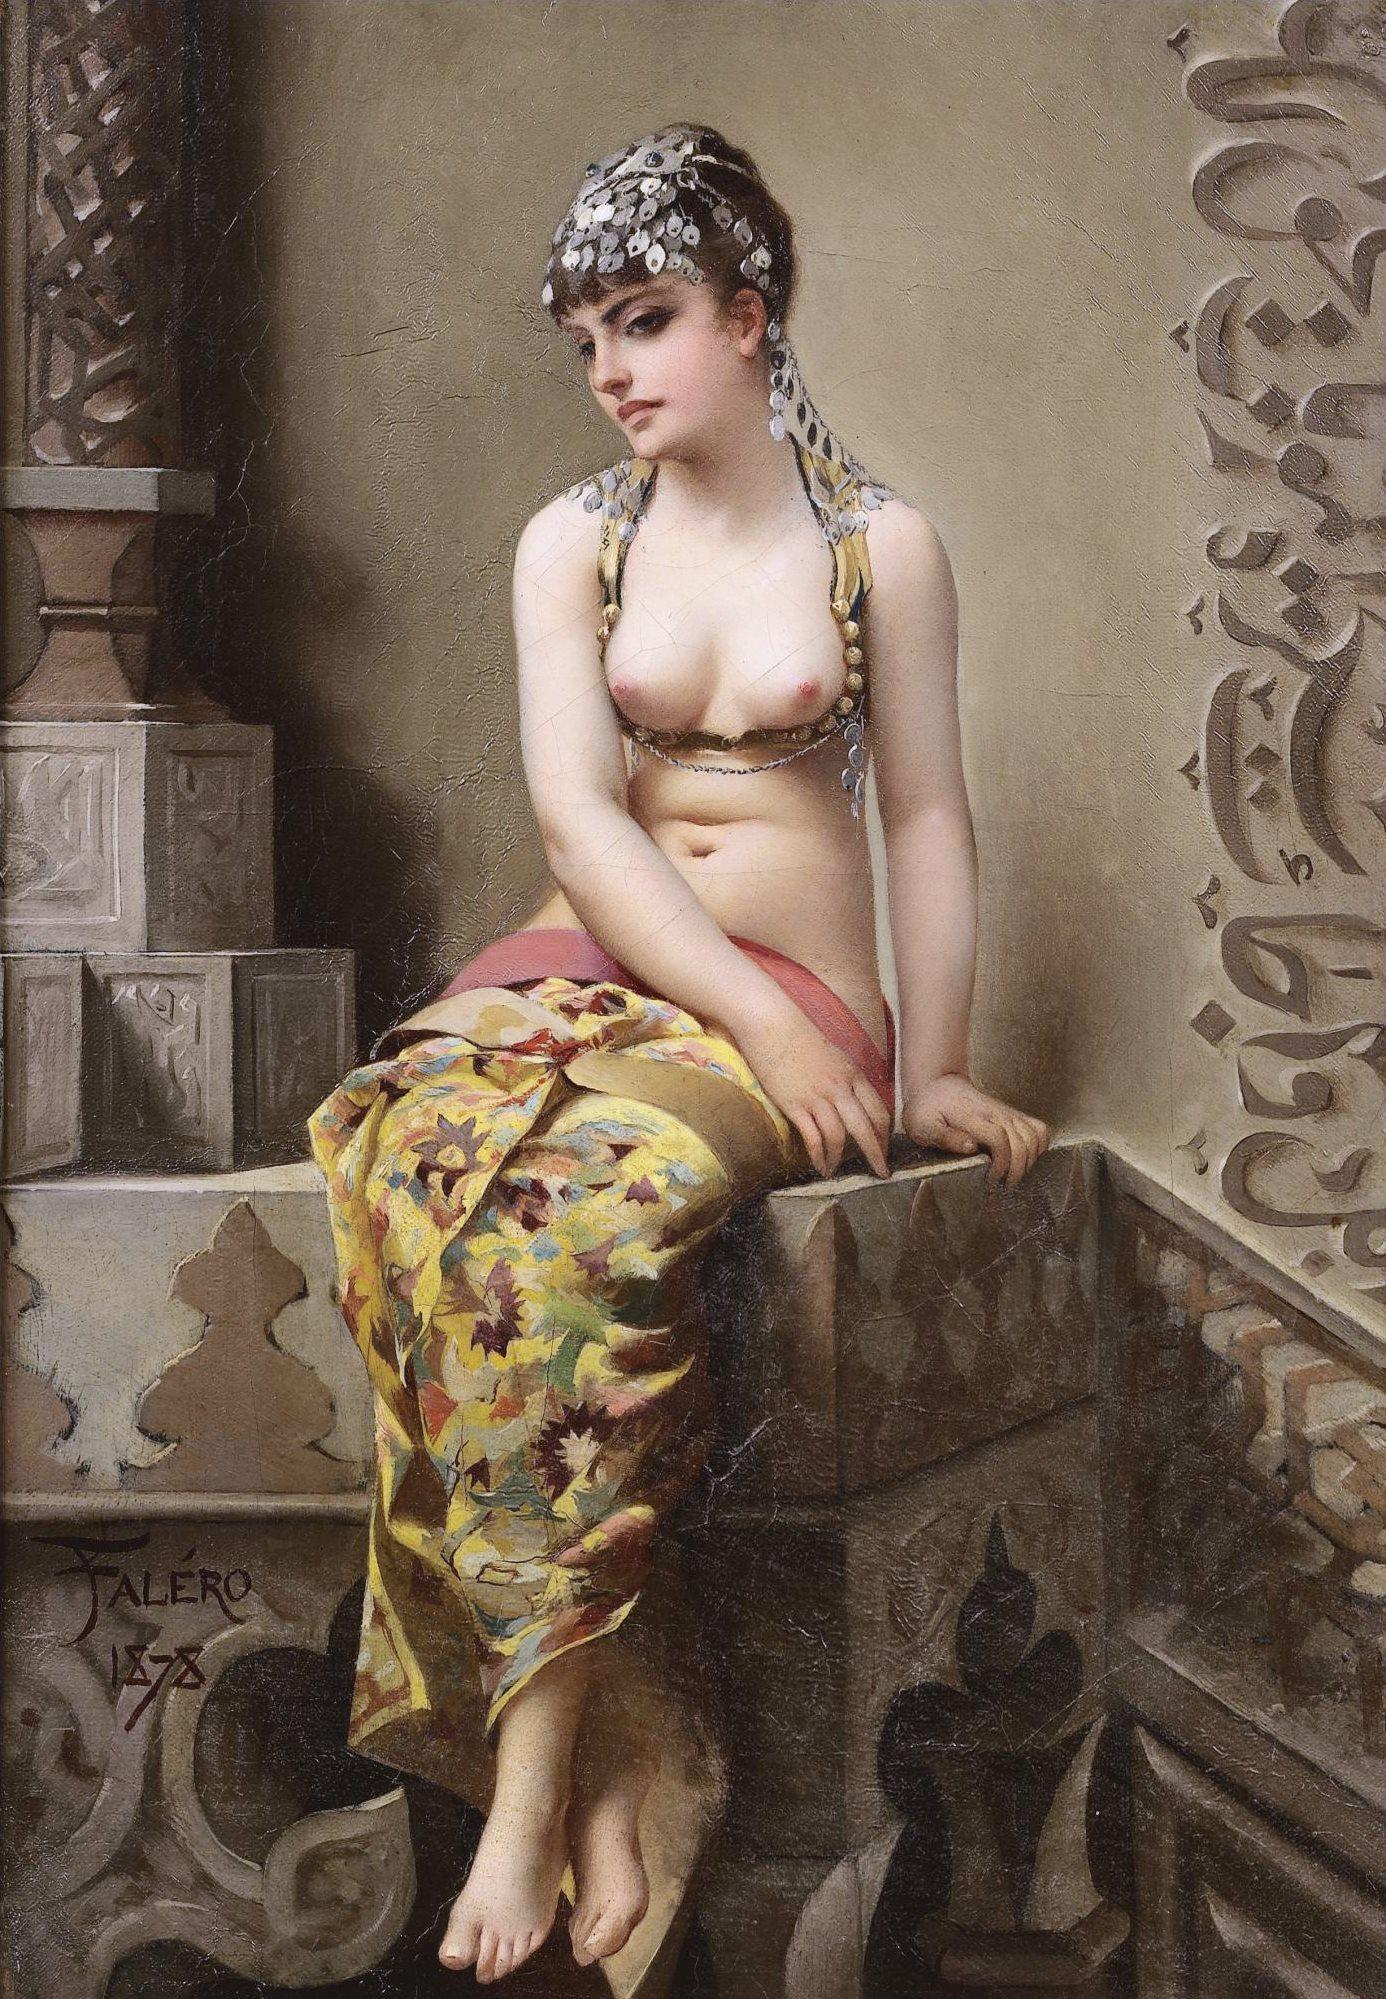 Naken Orientalisk Skonhet Av Falero Naket Exotisk Art Nouveau Jugend Duk